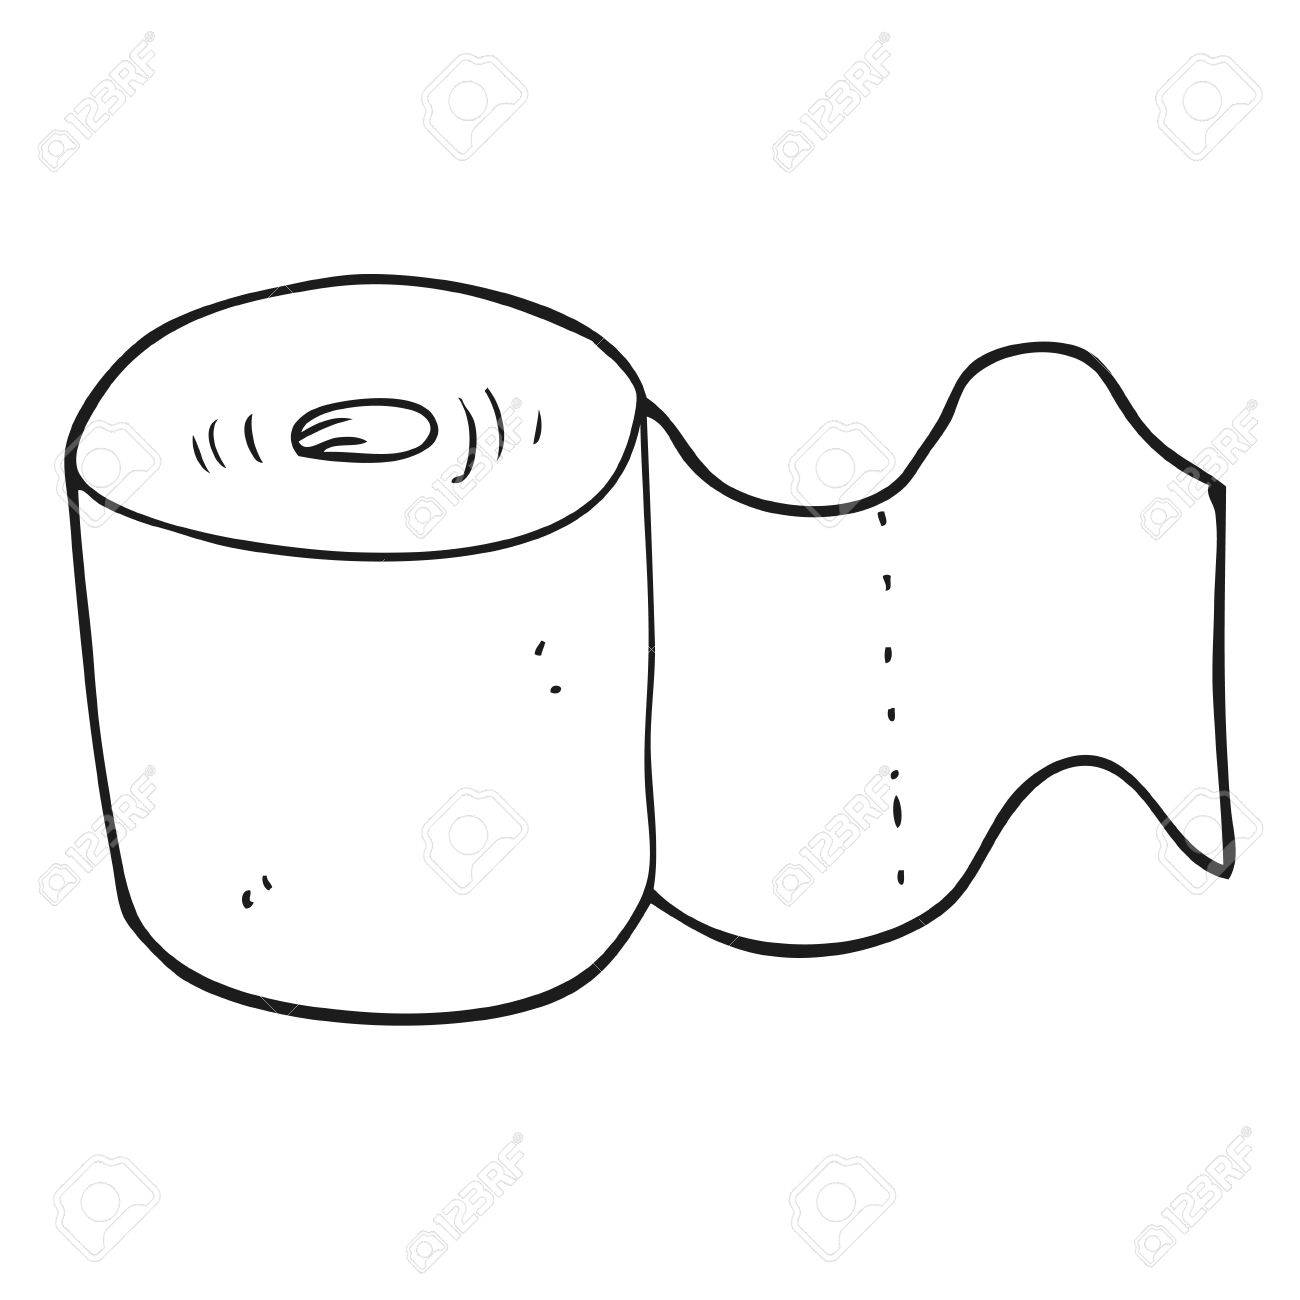 Dibujado A Mano Alzada Rollo De Papel Higiénico De Dibujos Animados En Blanco Y Negro